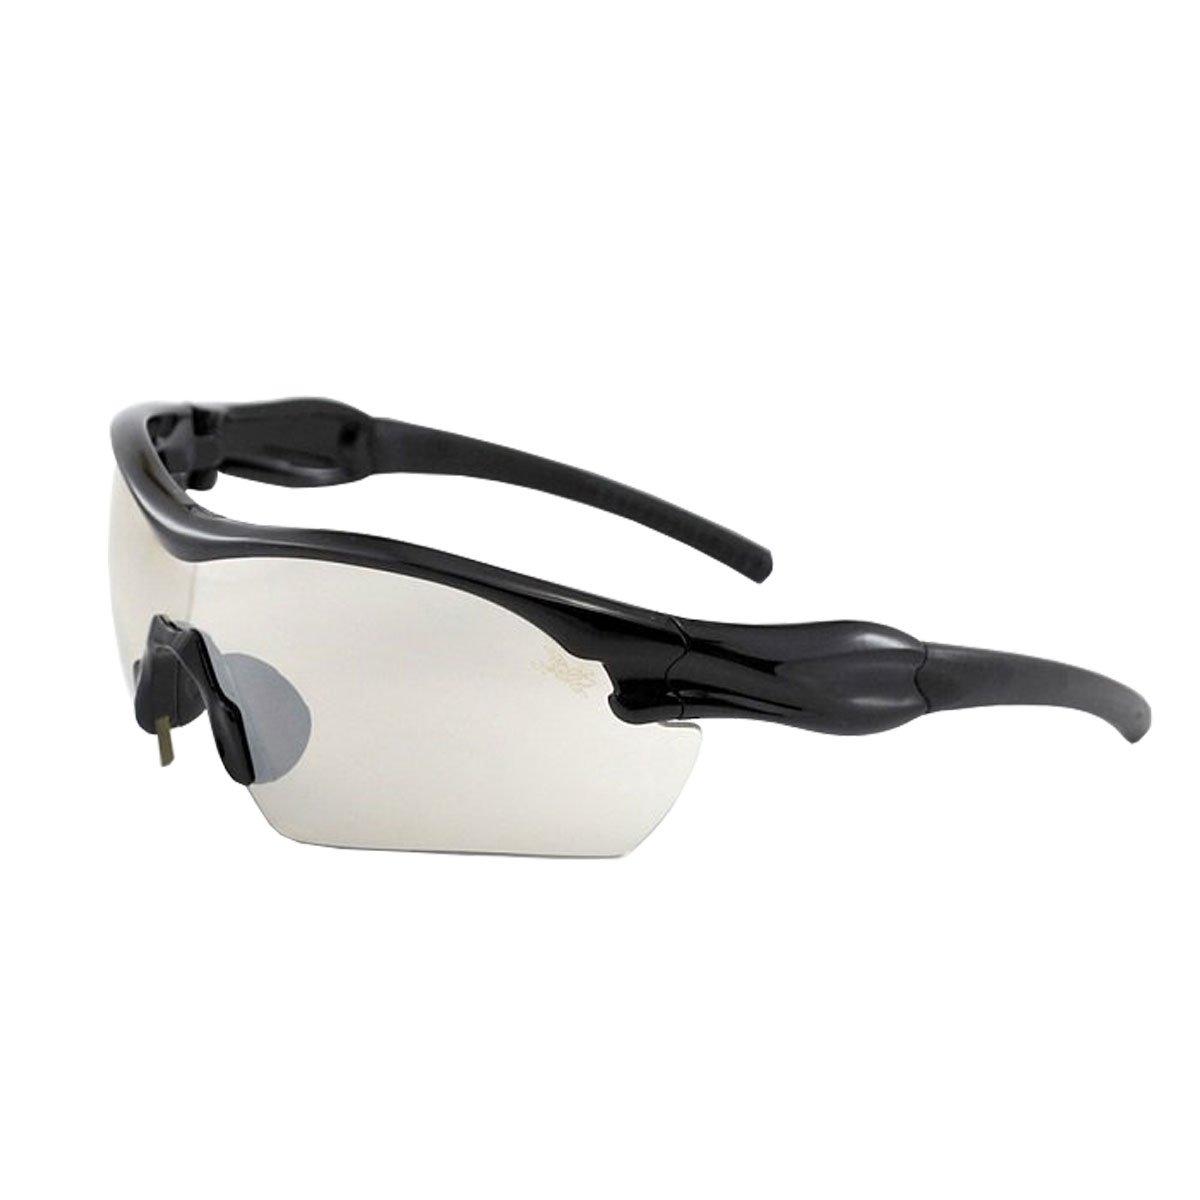 Oculos de Protecao Raptor Militar - IN/OUT